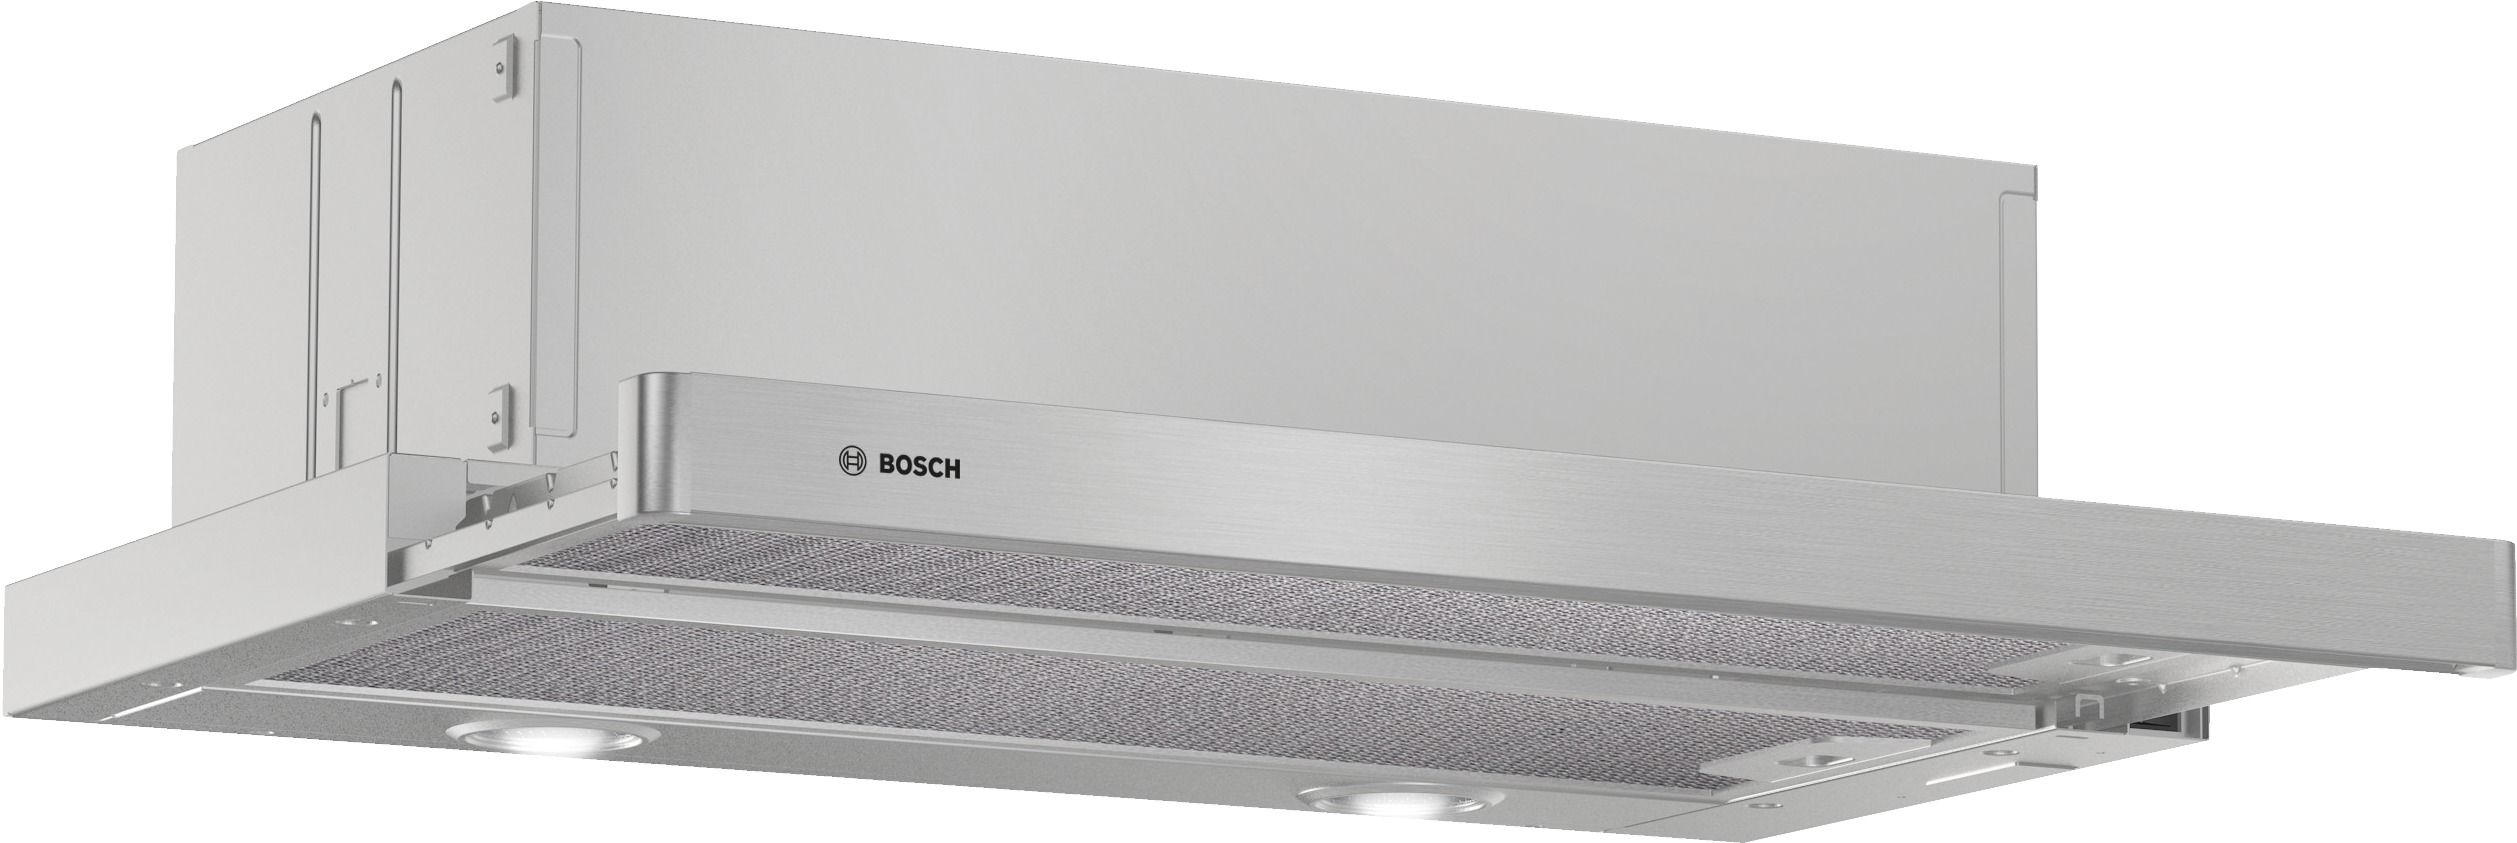 Bosch DFO060W51 Afzuigkap vlakscherm